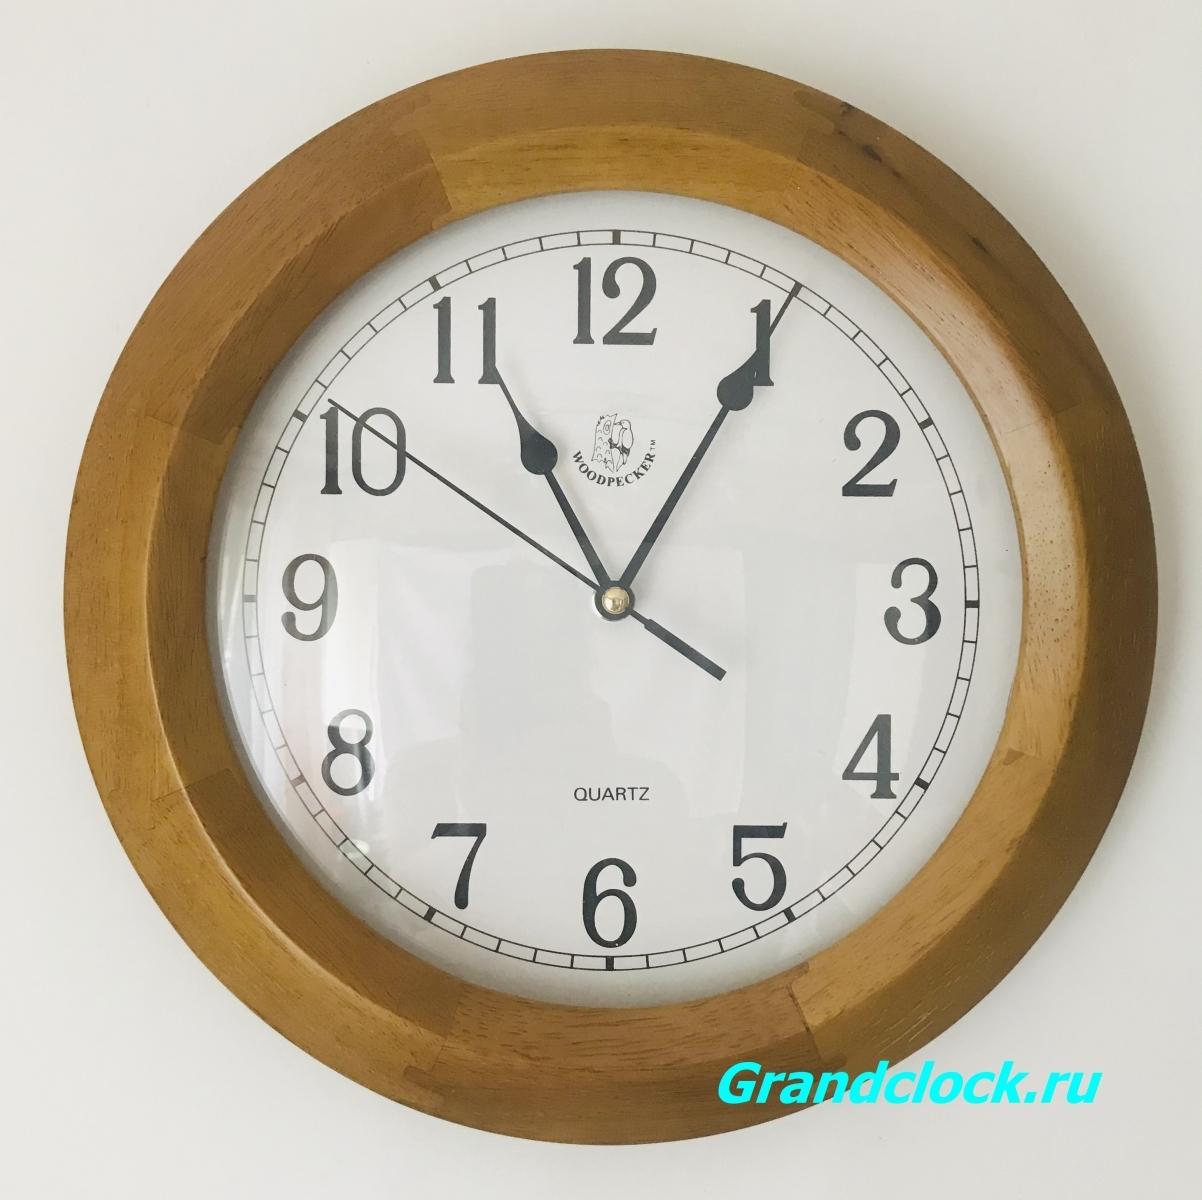 Настенные часы WOODPECKER в деревянном корпусе 7031 (06)